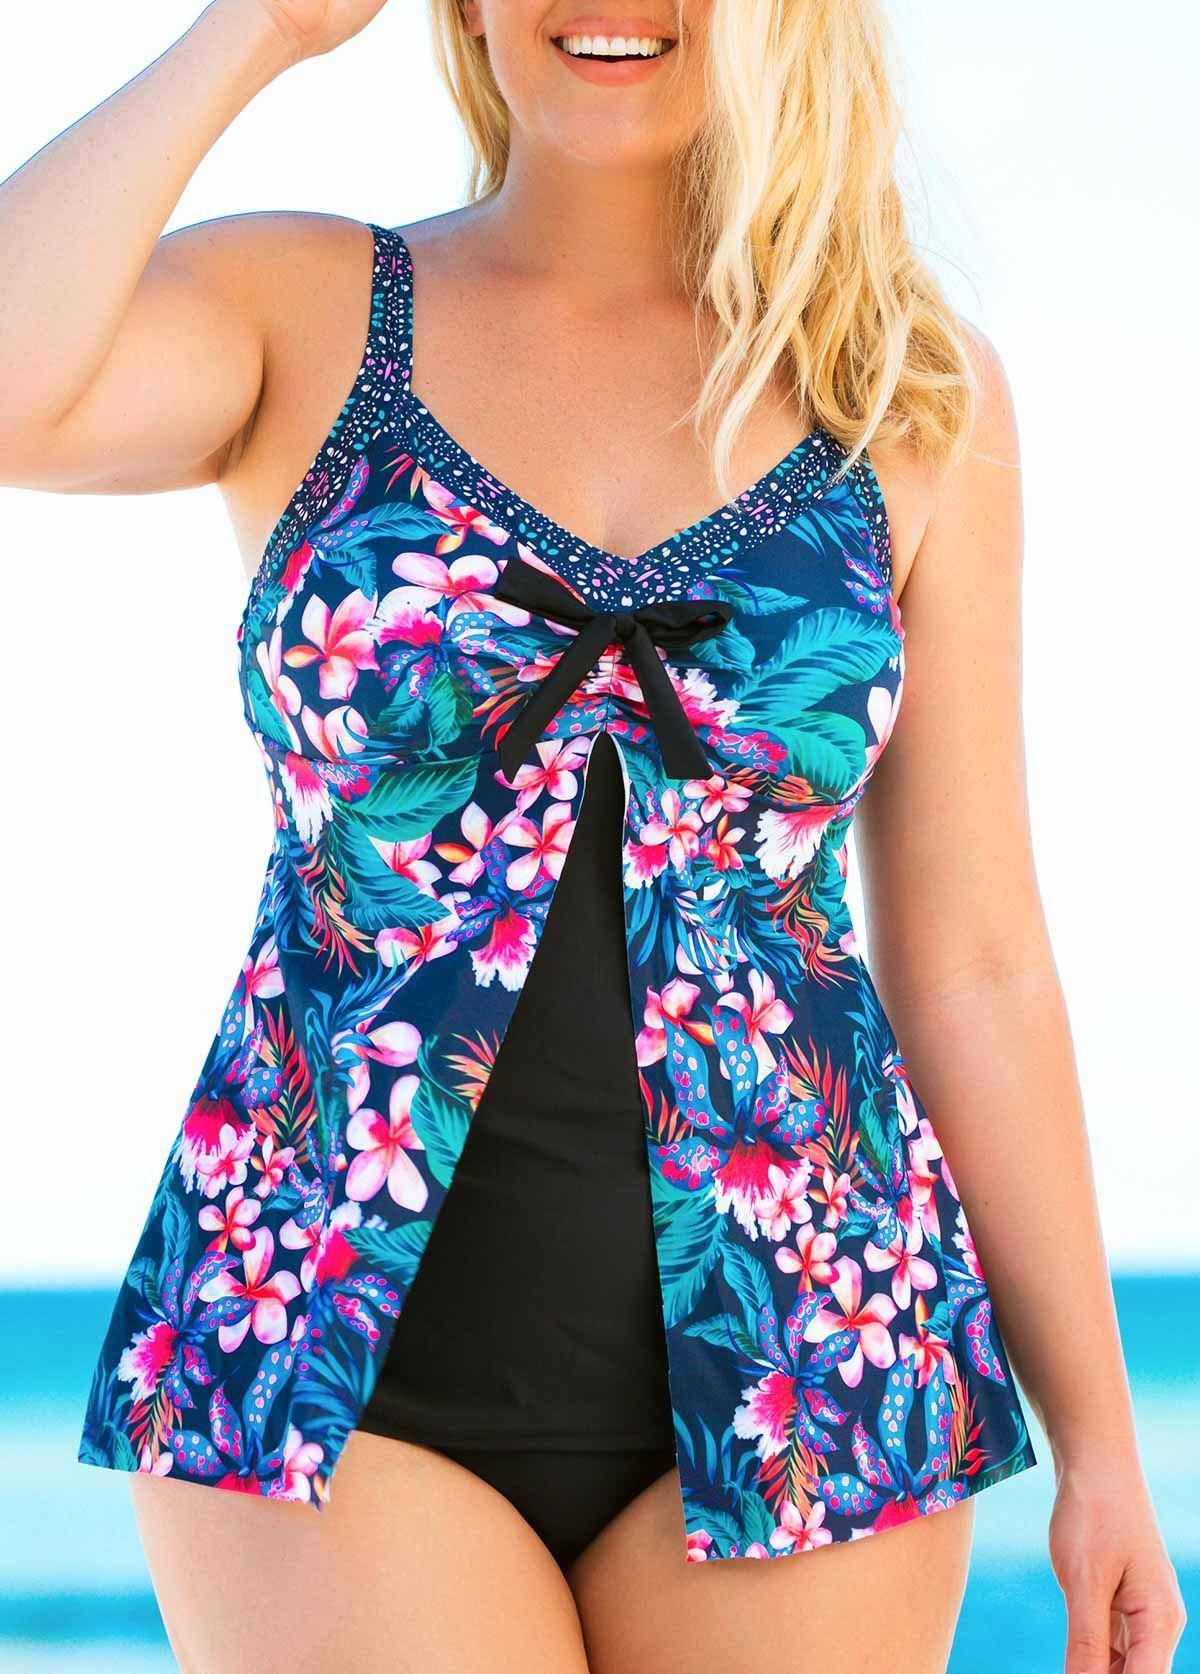 8f4f607a898 Plus Size Flyaway Front Printed Spaghetti Strap Tankini Set   liligal.com -  USD $28.11 #liligal #plussize #swimwear